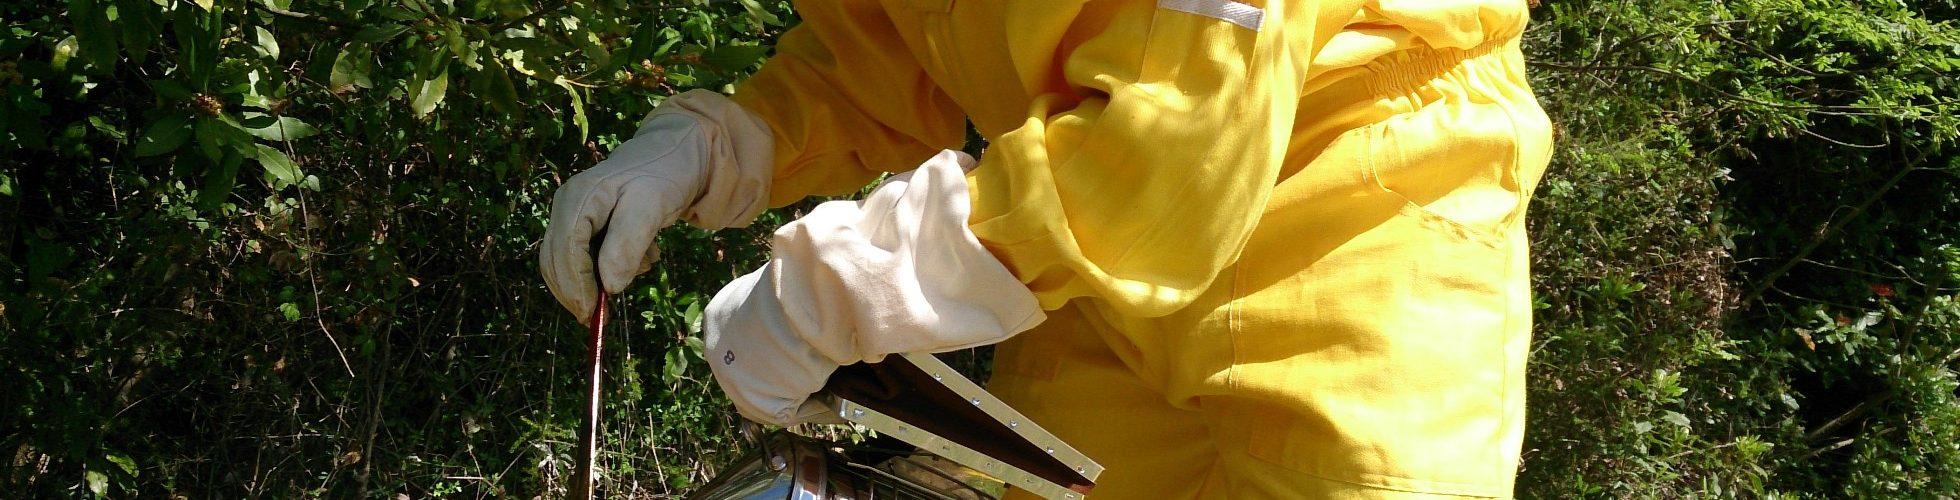 visite ruche apiculture